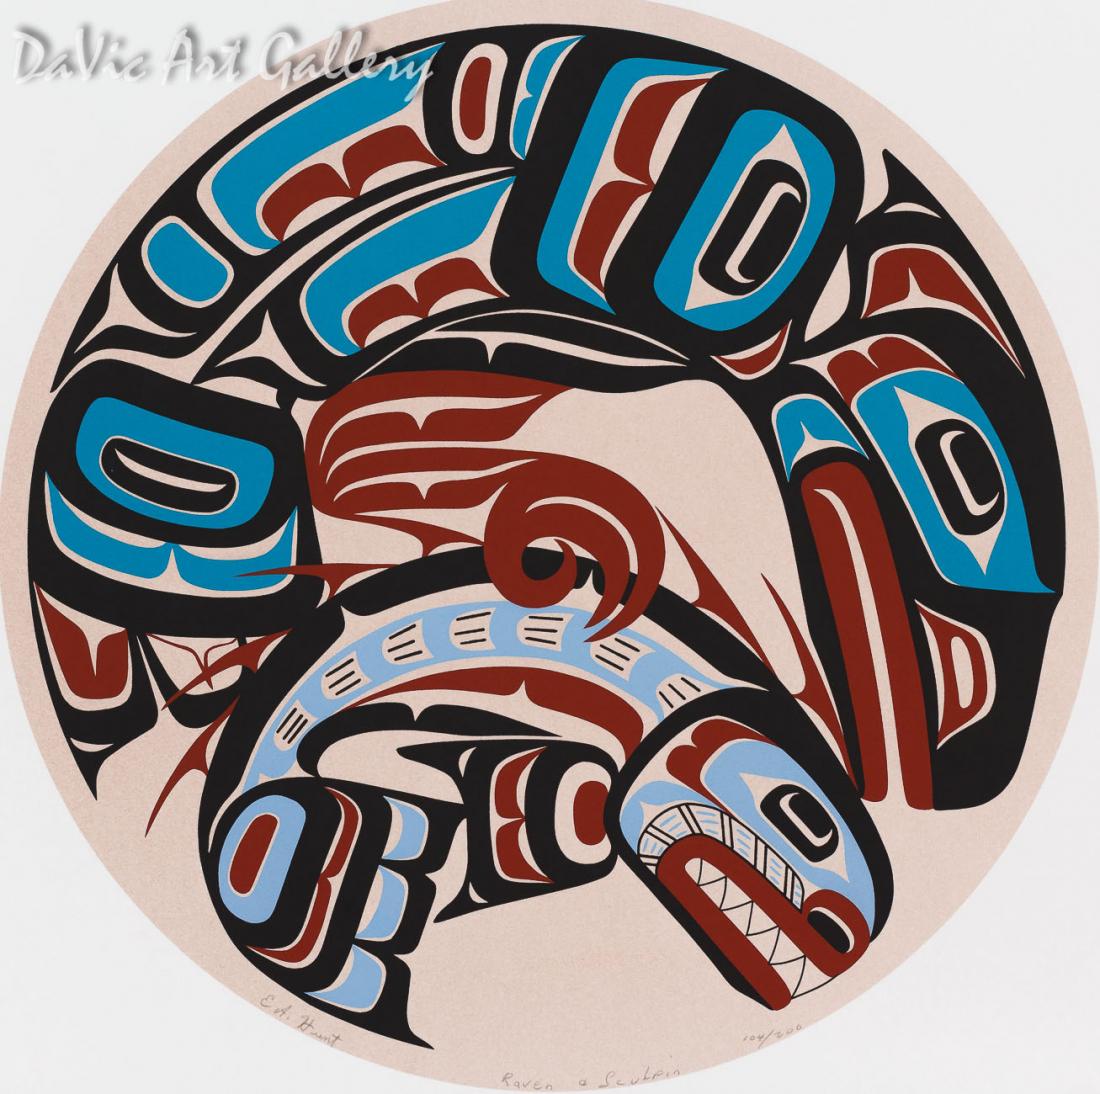 Raven & Sculpin by Eugene Hunt 1997 - Northwest Coast - Kwakwaka'wakw